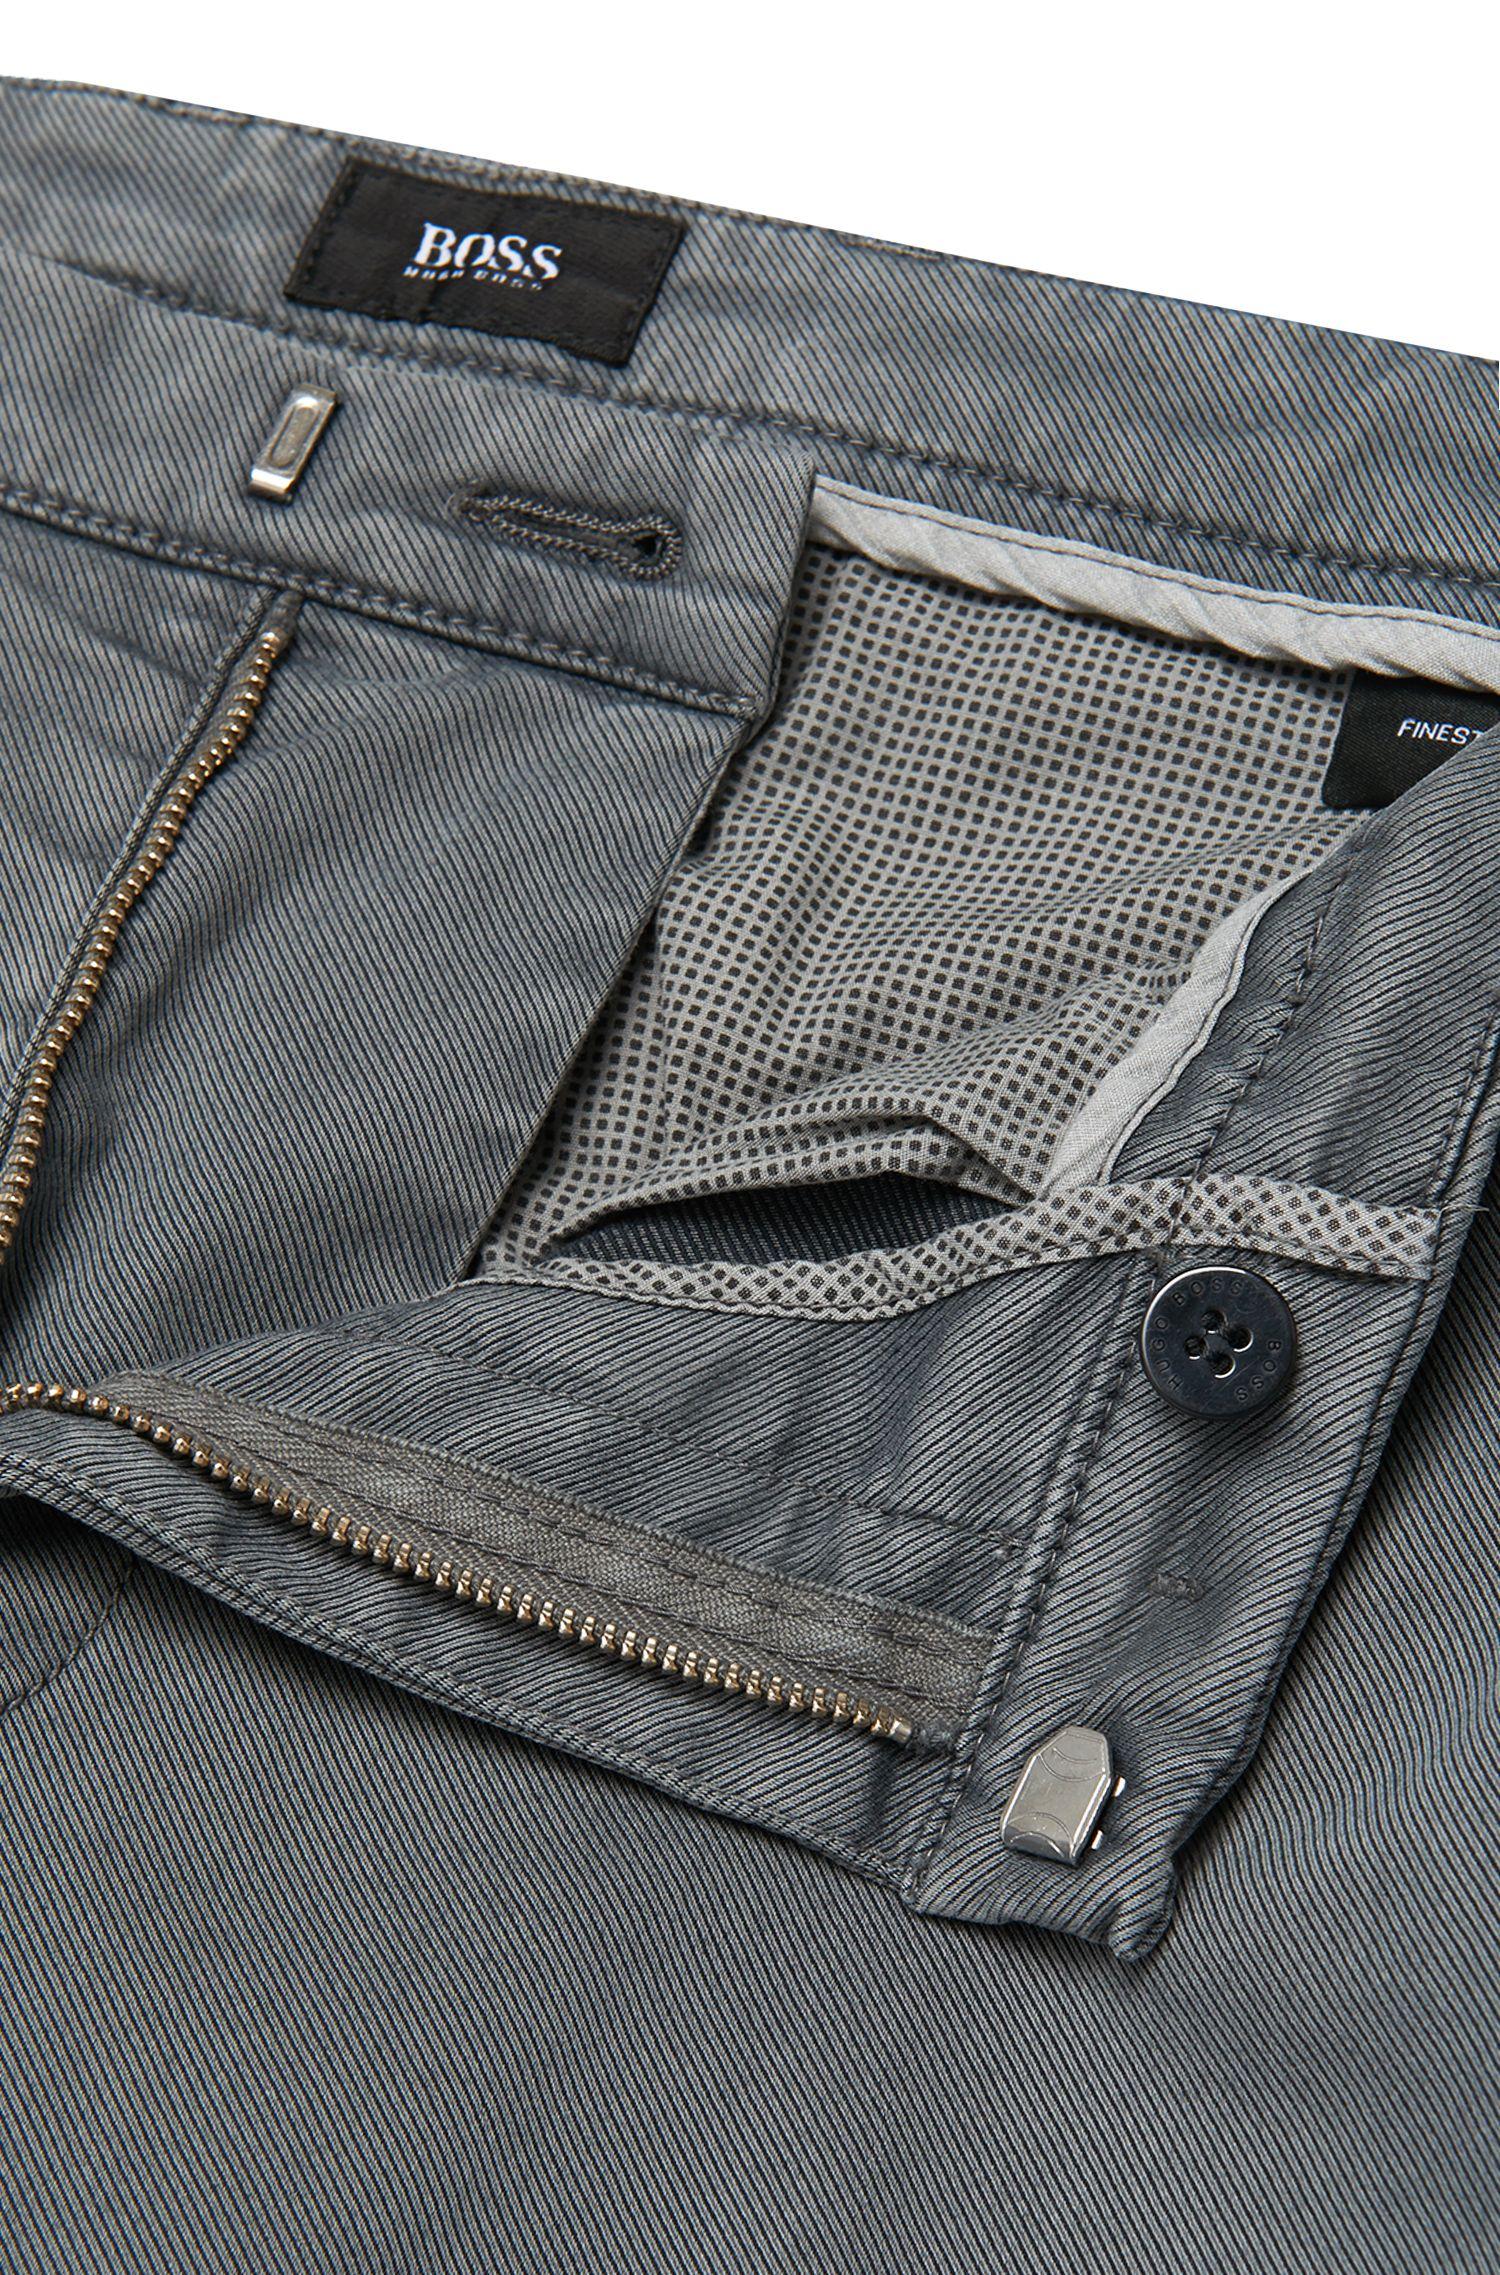 Chinos slim fit en sarga de algodón elástico italiano